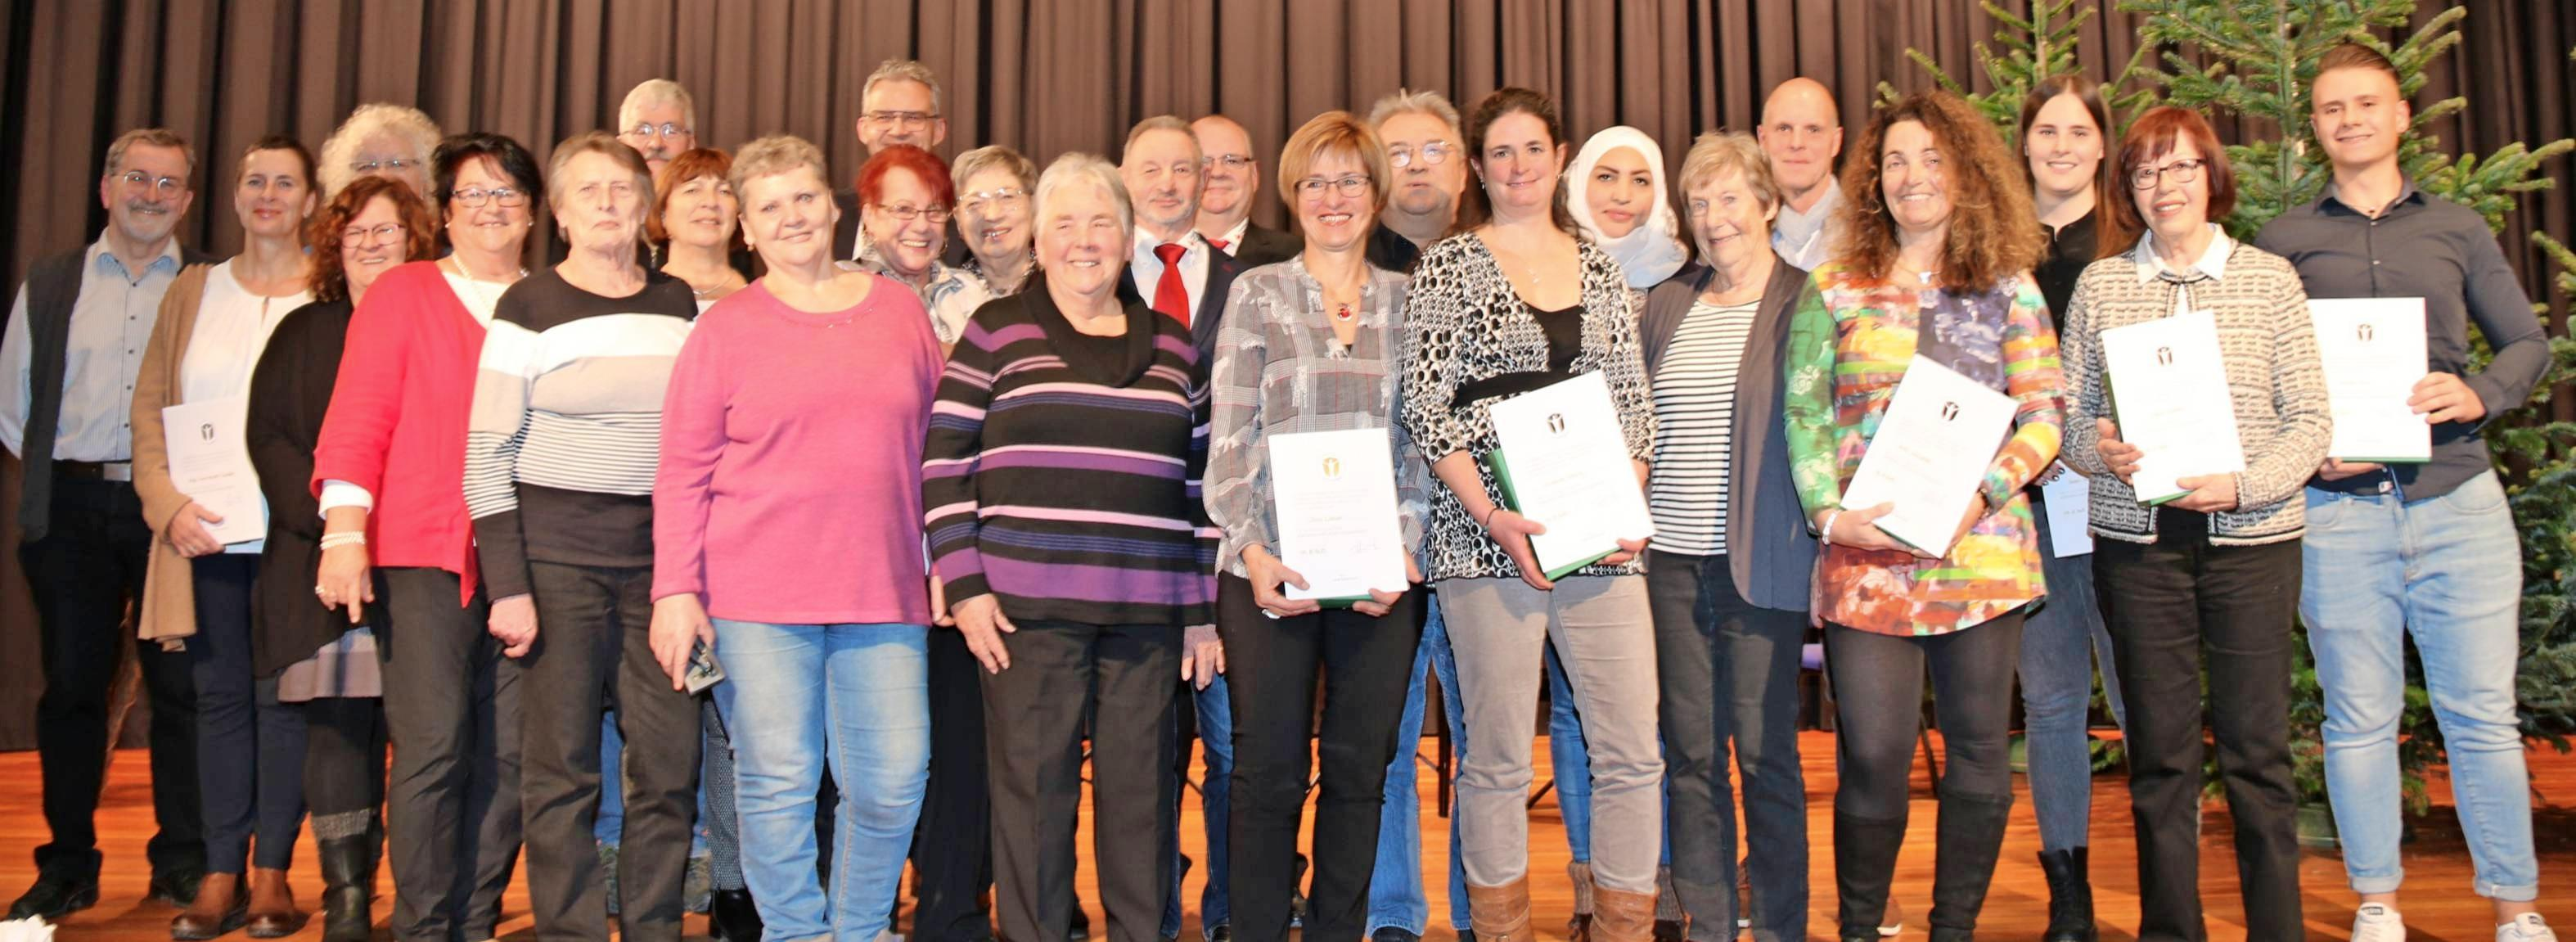 Beim neunten Ehrenamtsempfang in der Städtischen Musikschule wurden 15 Personen mit dem Ehrenamtspreis der Stadt Neckarsulm ausgezeichnet. Foto: snp